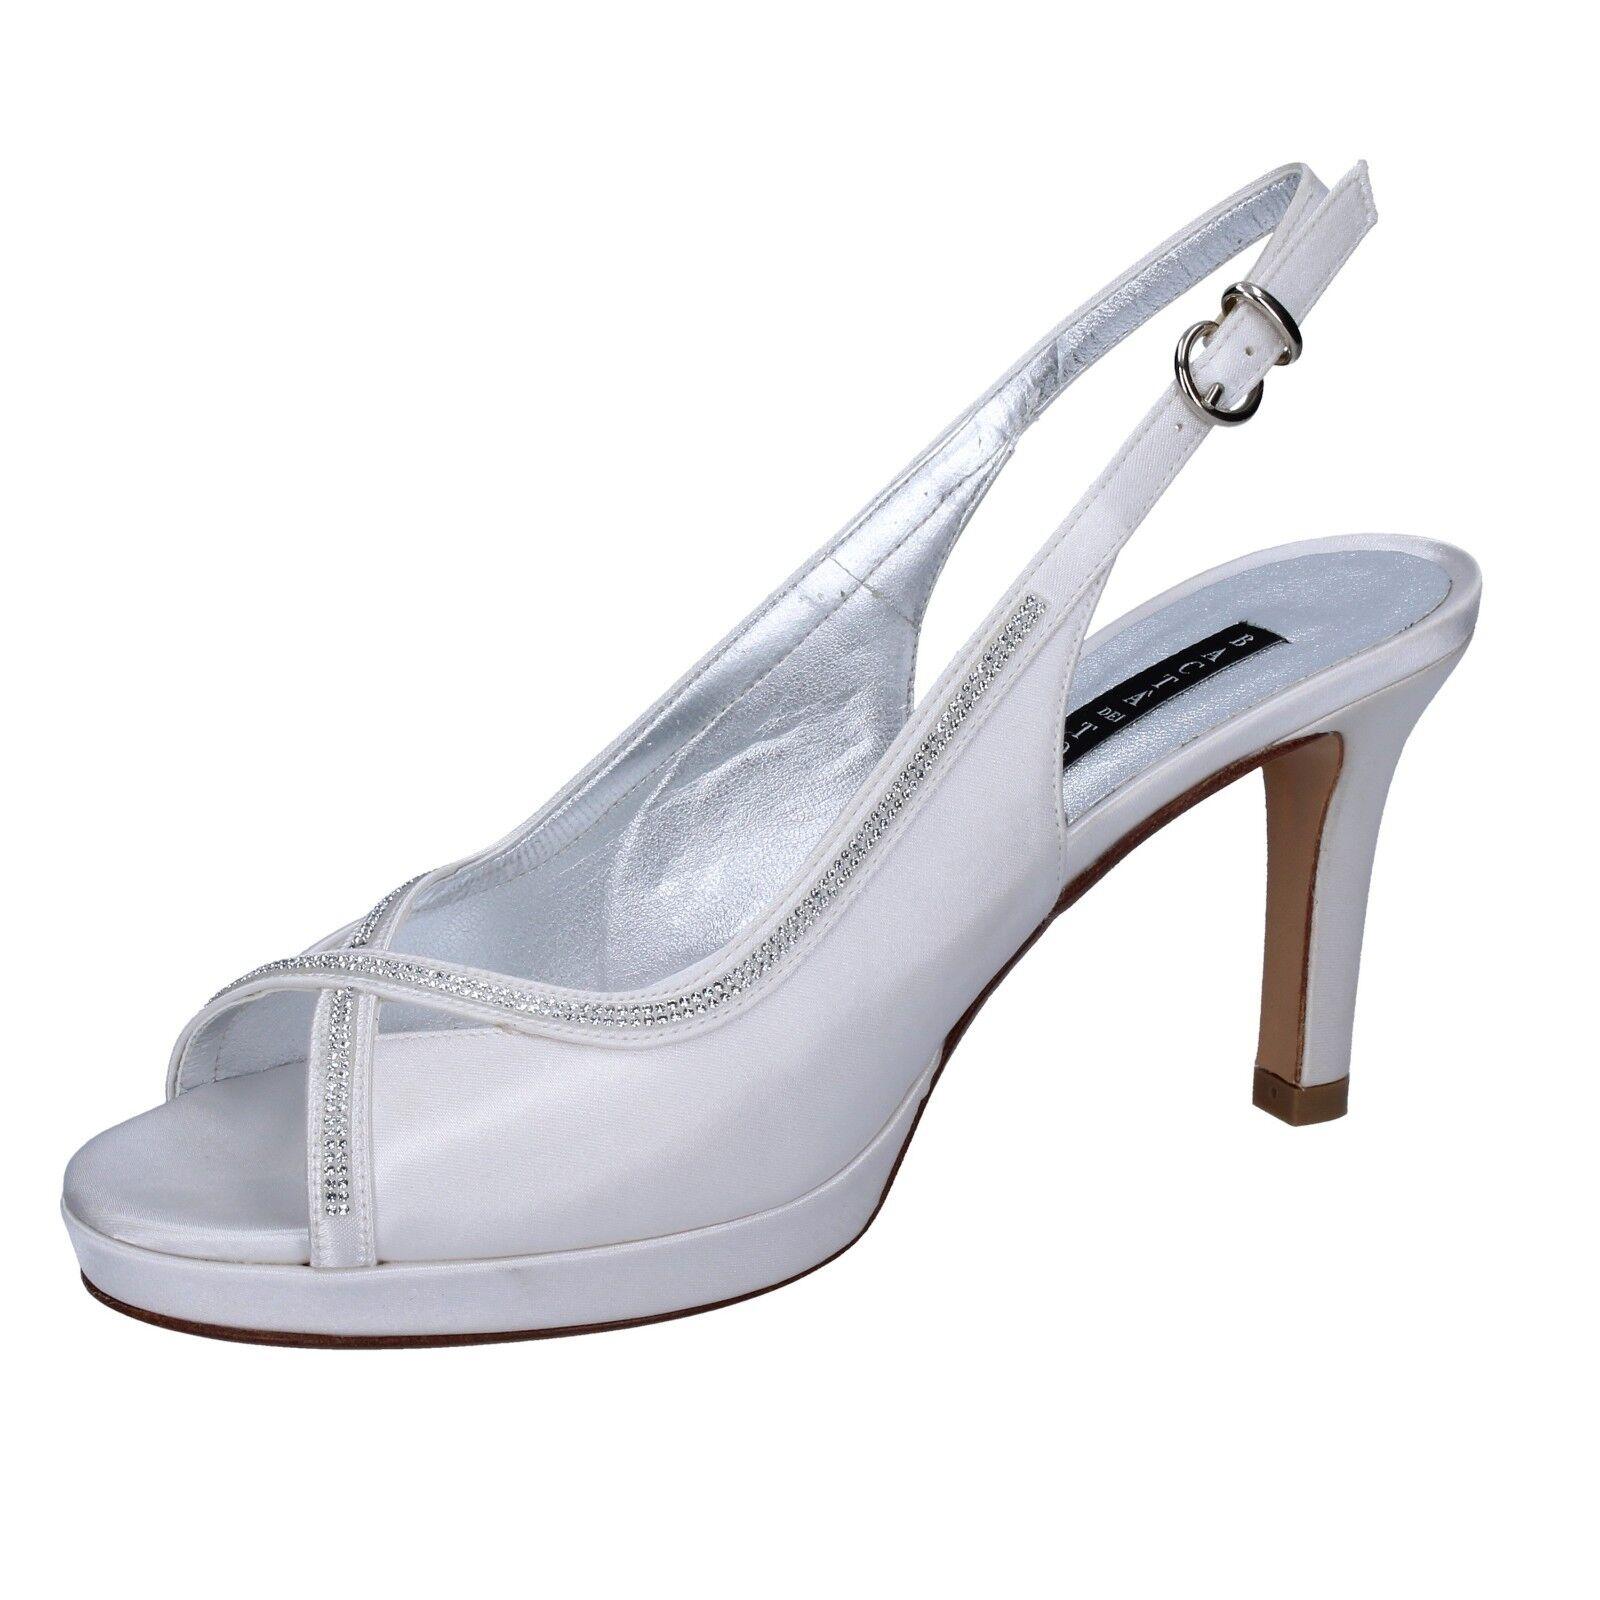 Womens shoes Bacta de Toi 38 EU Sandals White Diamante Satin bt844-38